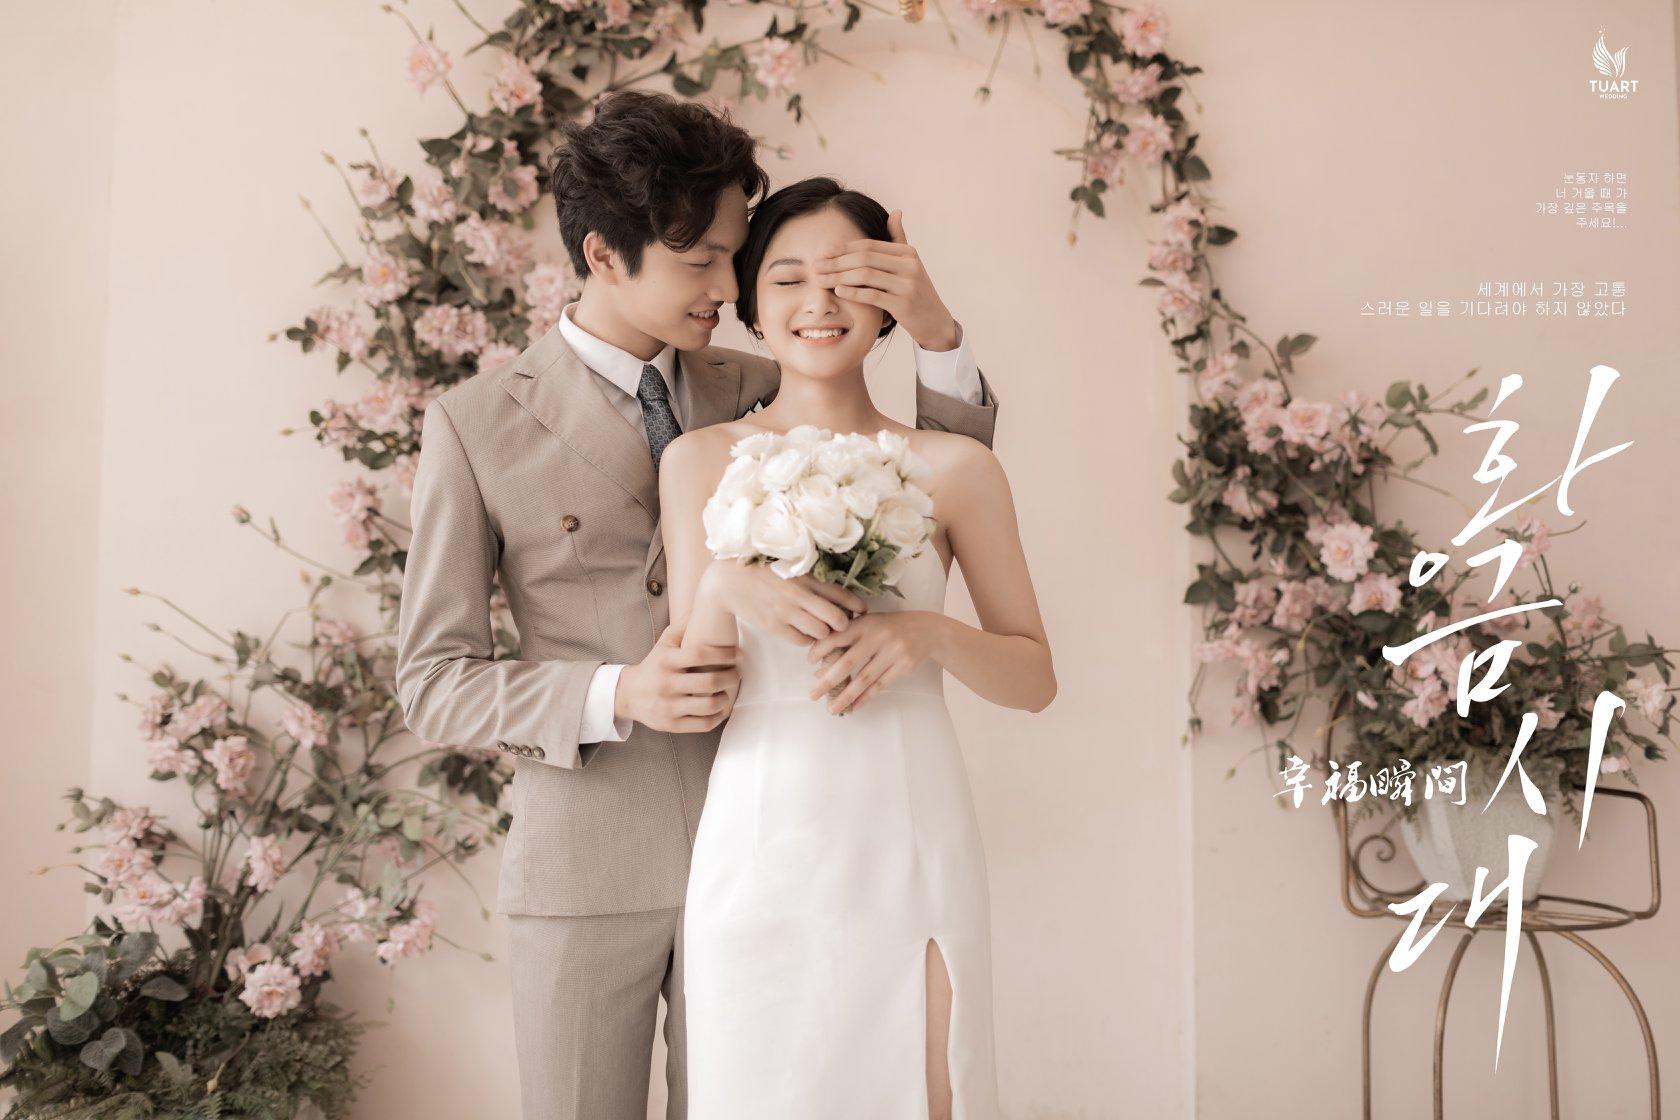 Album ảnh cưới đẹp phong cách Hàn Quốc